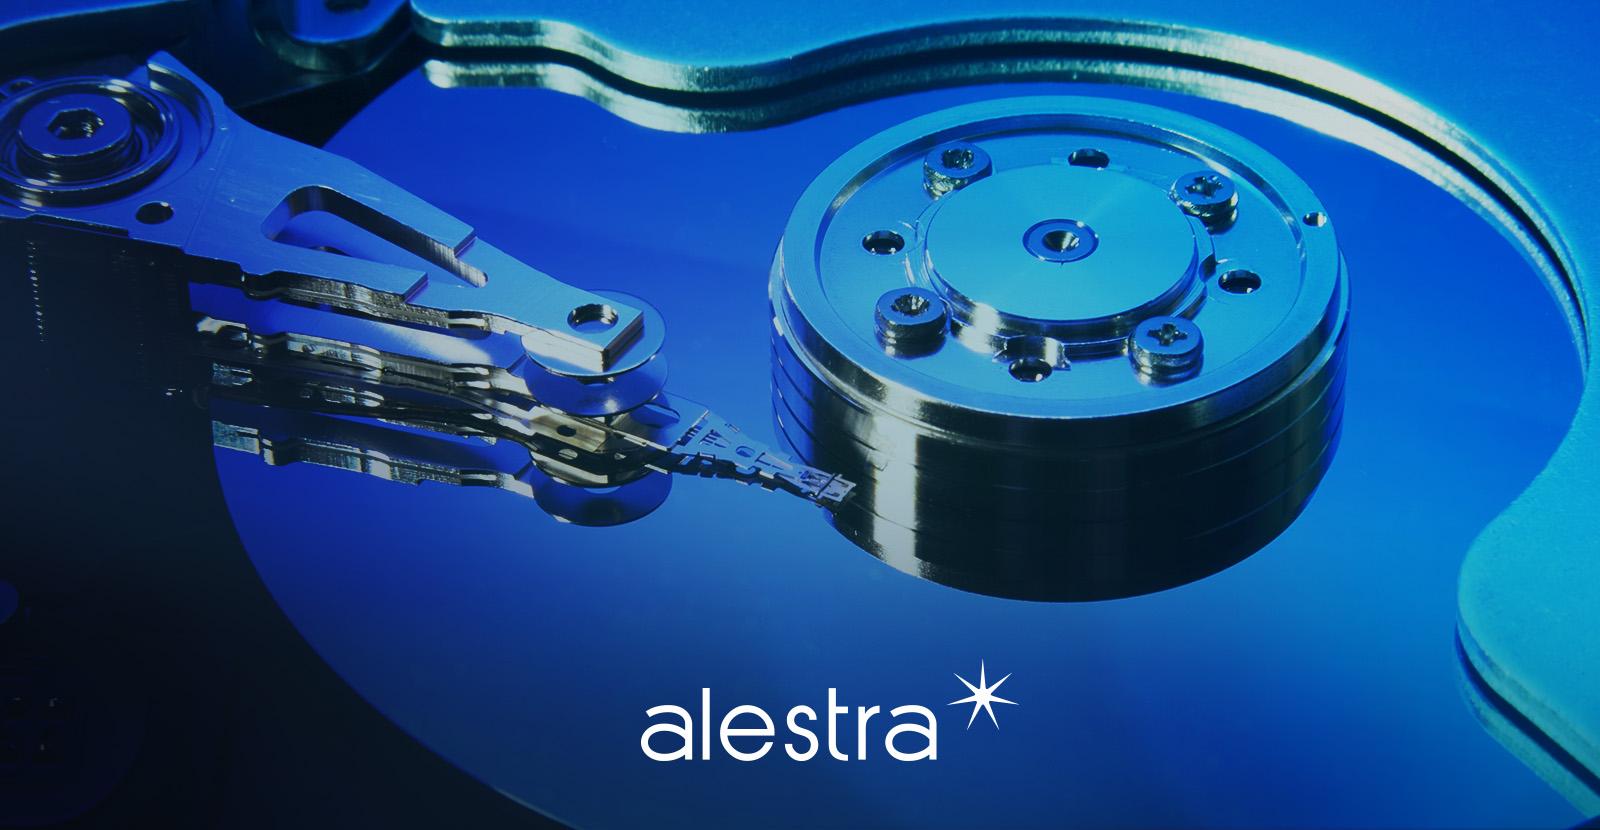 Un disco duro mecánico optimizado para la lograr la máxima velocidad posible